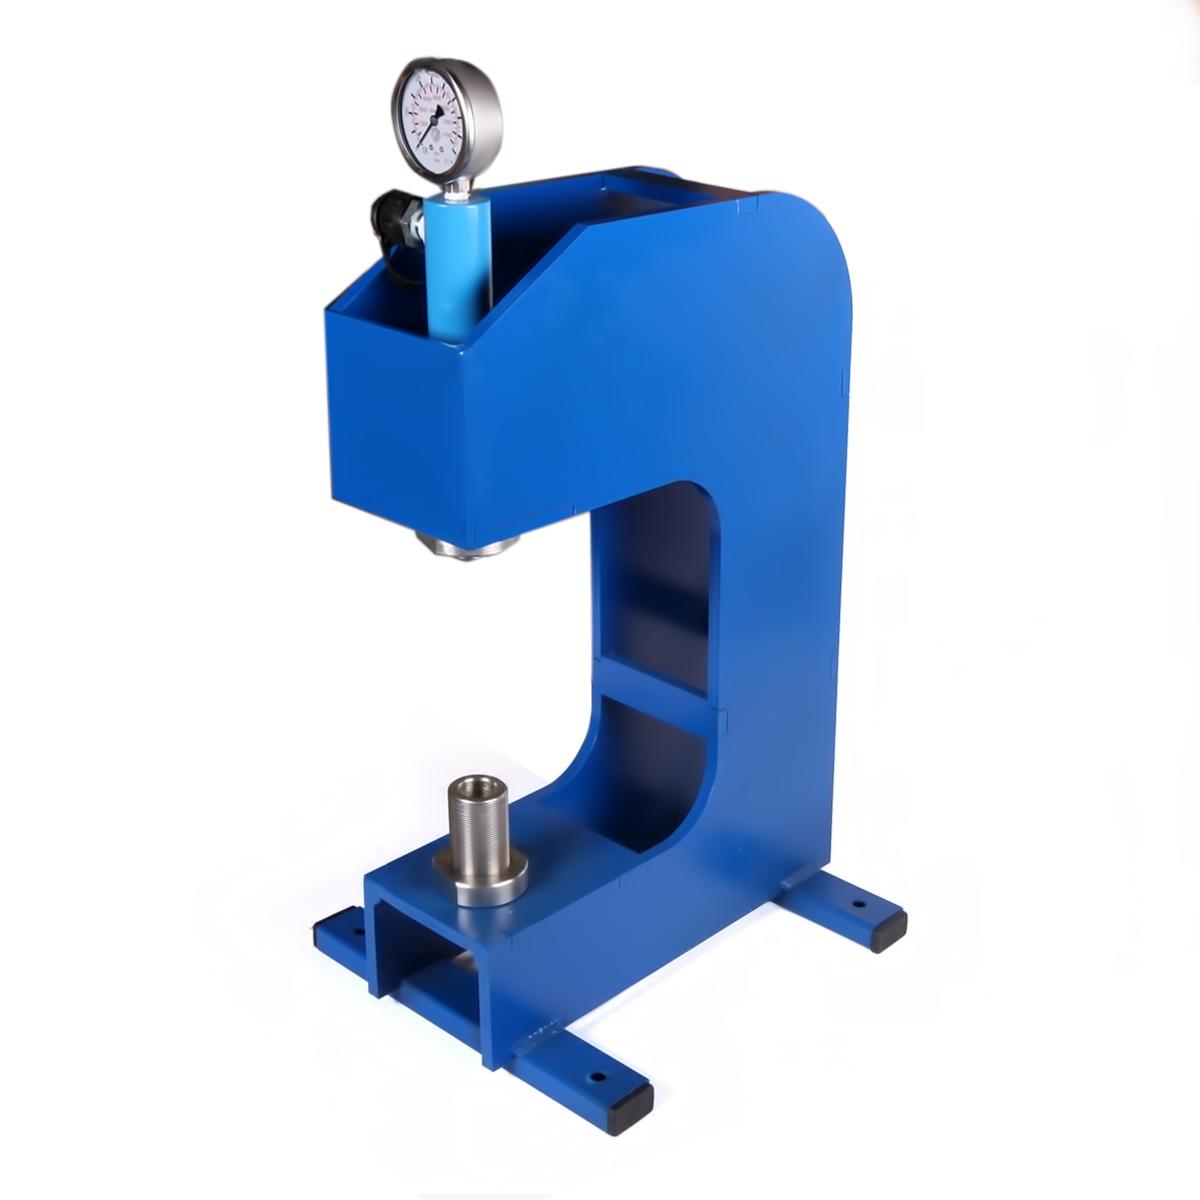 Клепальный станок для тормозных колодок 1т. ОДА Сервис ODA-A1187-A